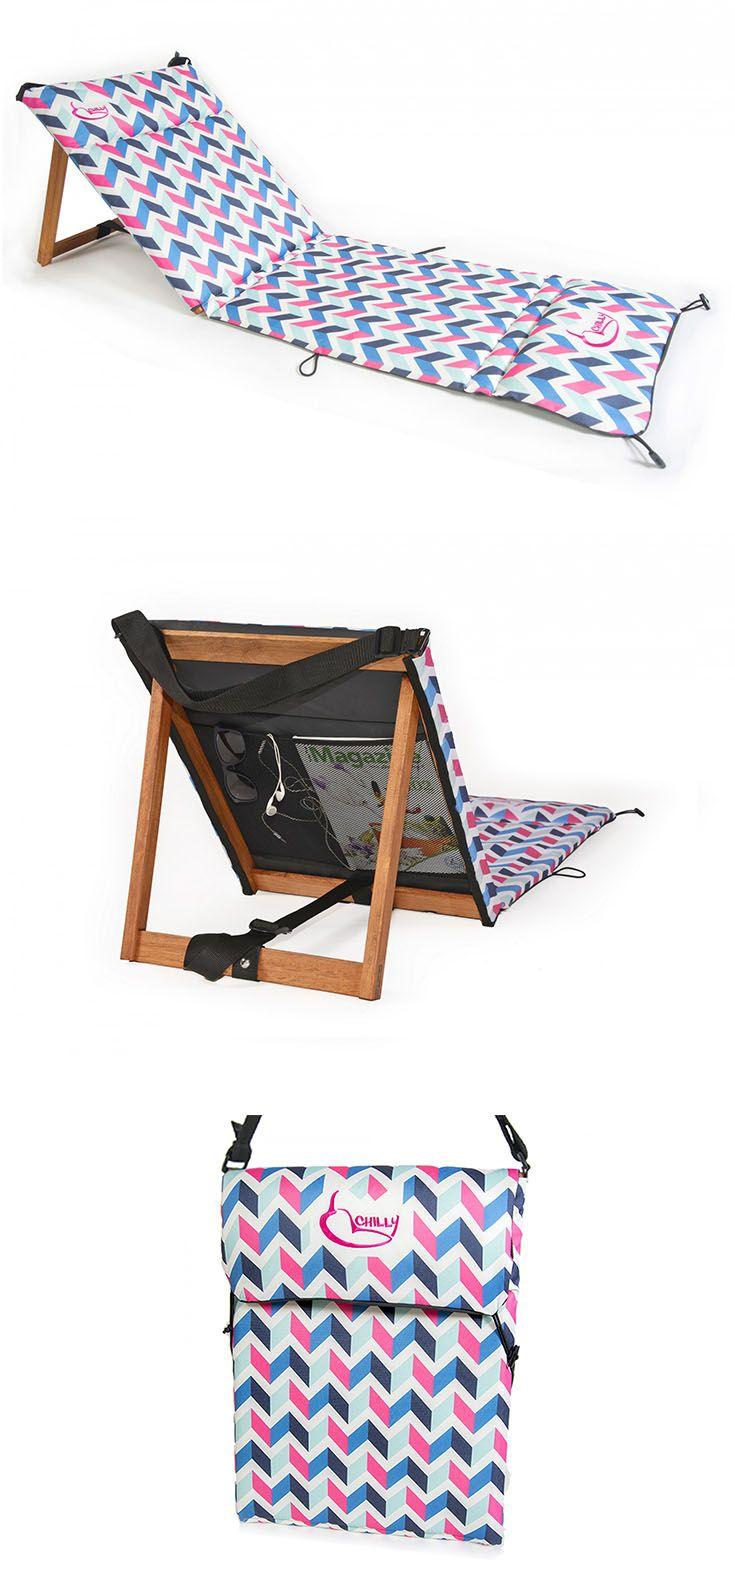 La Reposera Chilly 3D es liviana, portátil y canchera. Se convierte en bolso para llevarla a donde quieras. ▶ Correa para transportar ▶ Estructura de madera ▶ Inclinación regulable ▶ Bolsillo de red